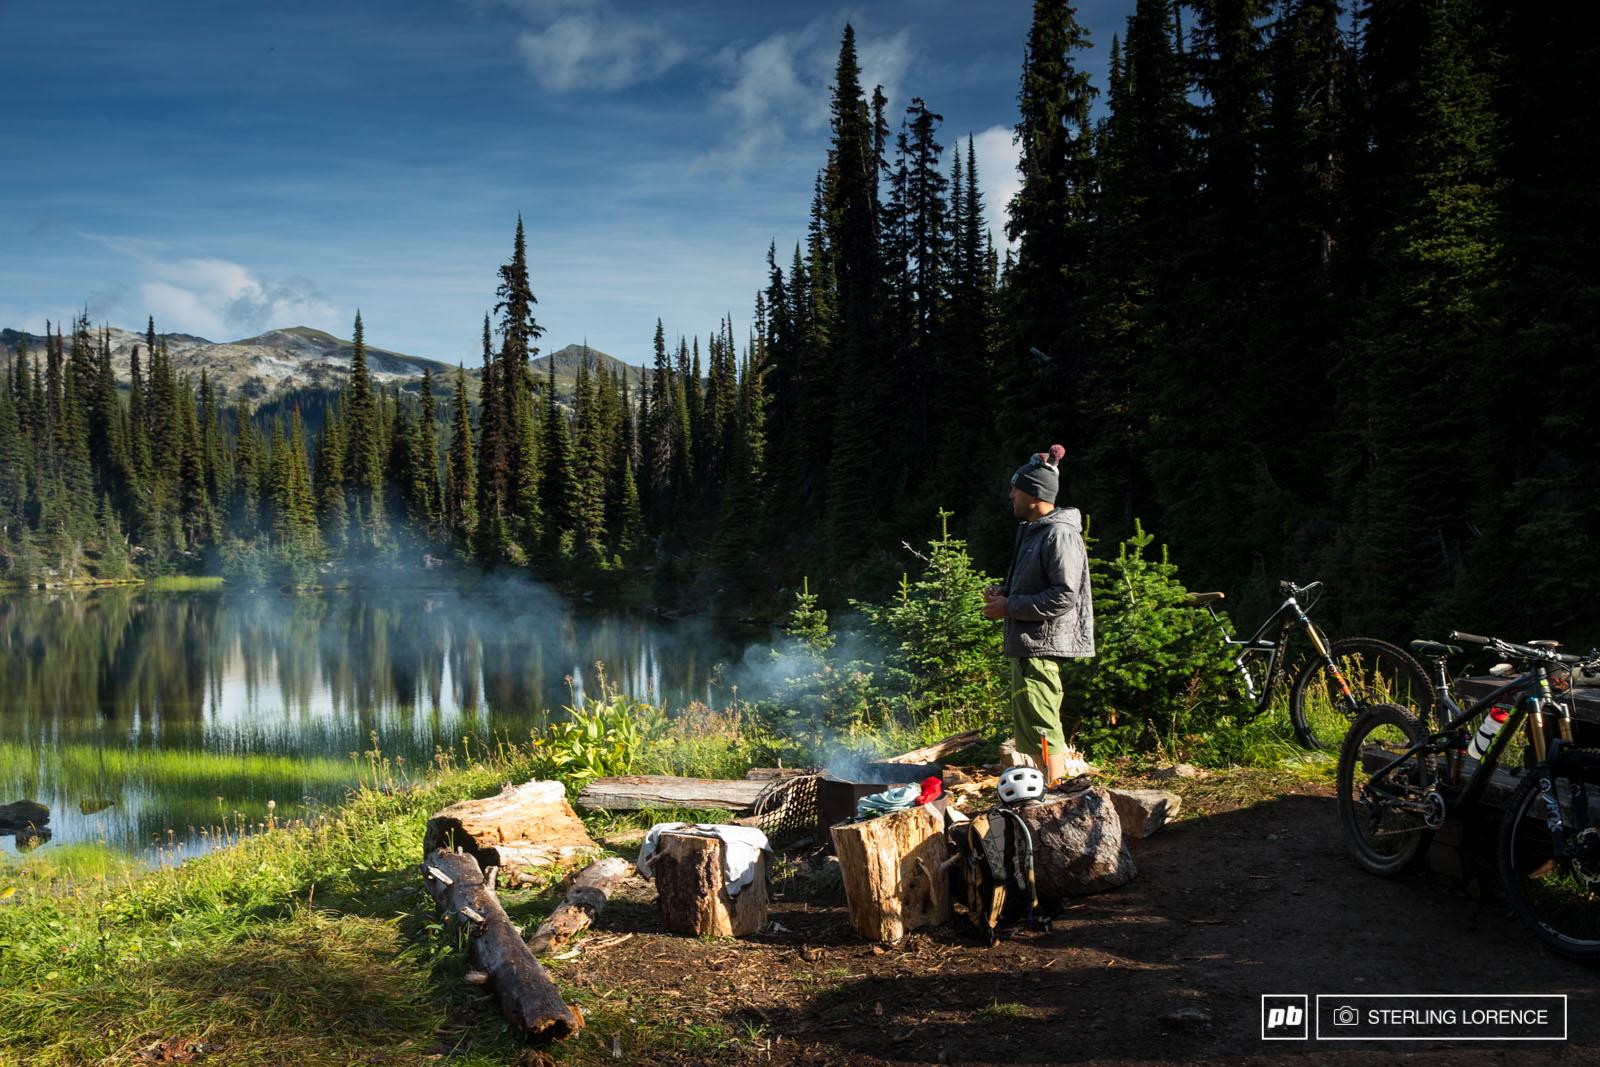 Andrew Shandro in Revelstoke British Columbia Canada